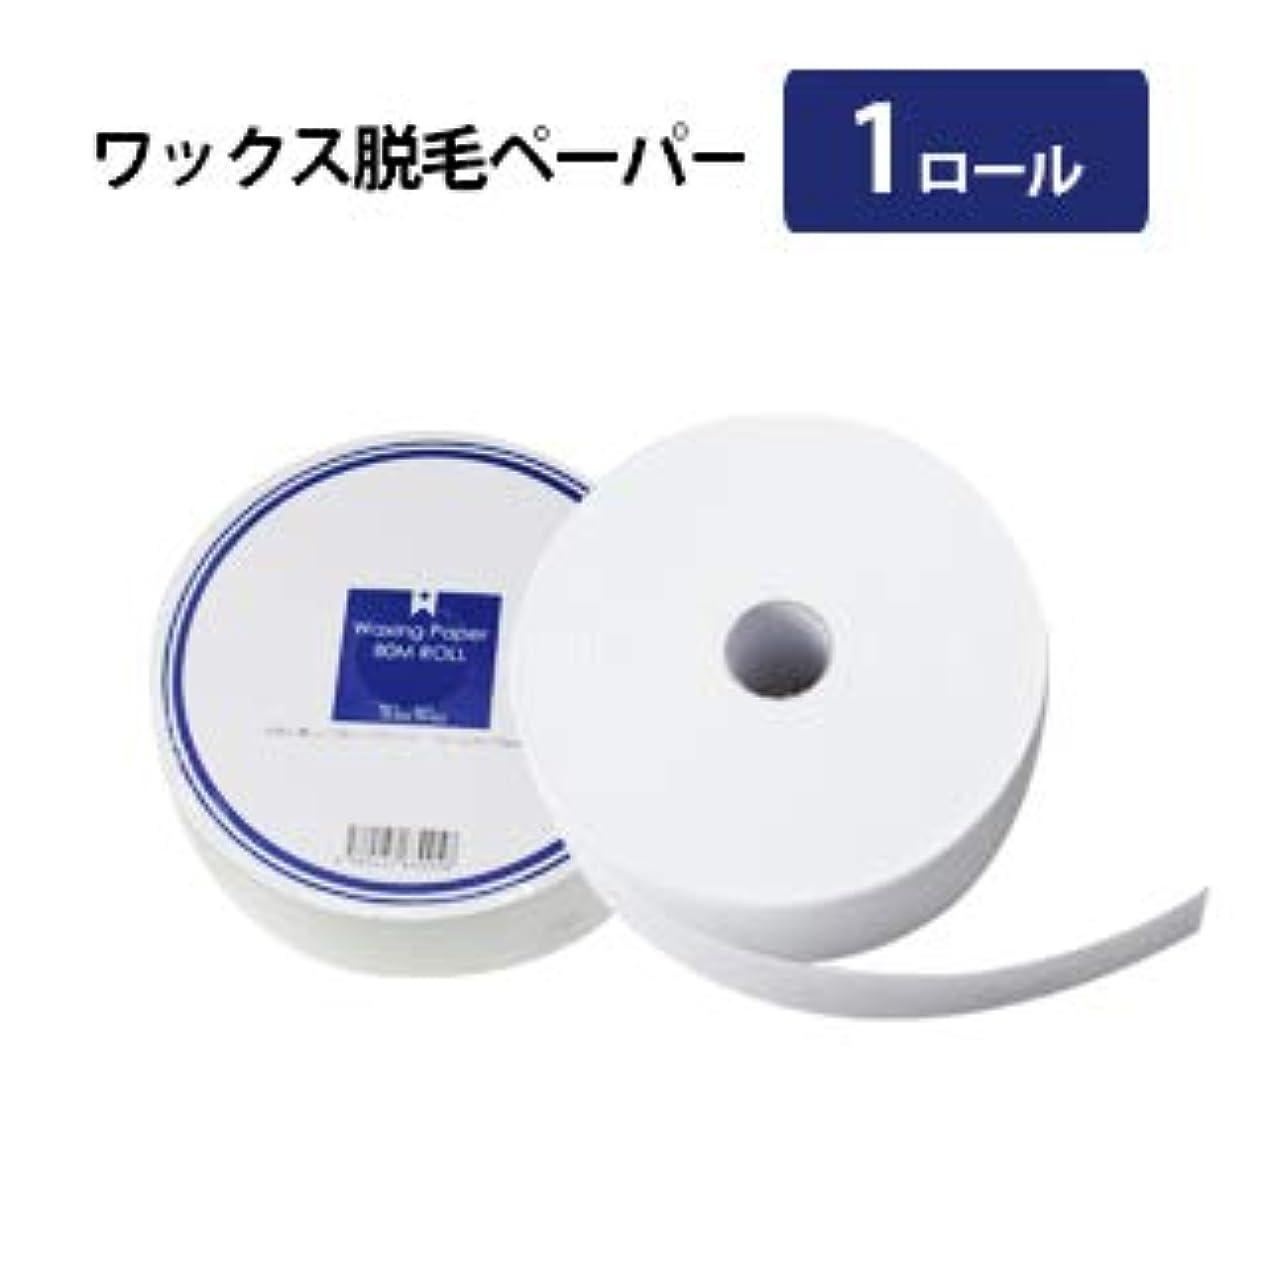 症状土地コモランマ【不織布:8cm】ワックスロールペーパー 1巻